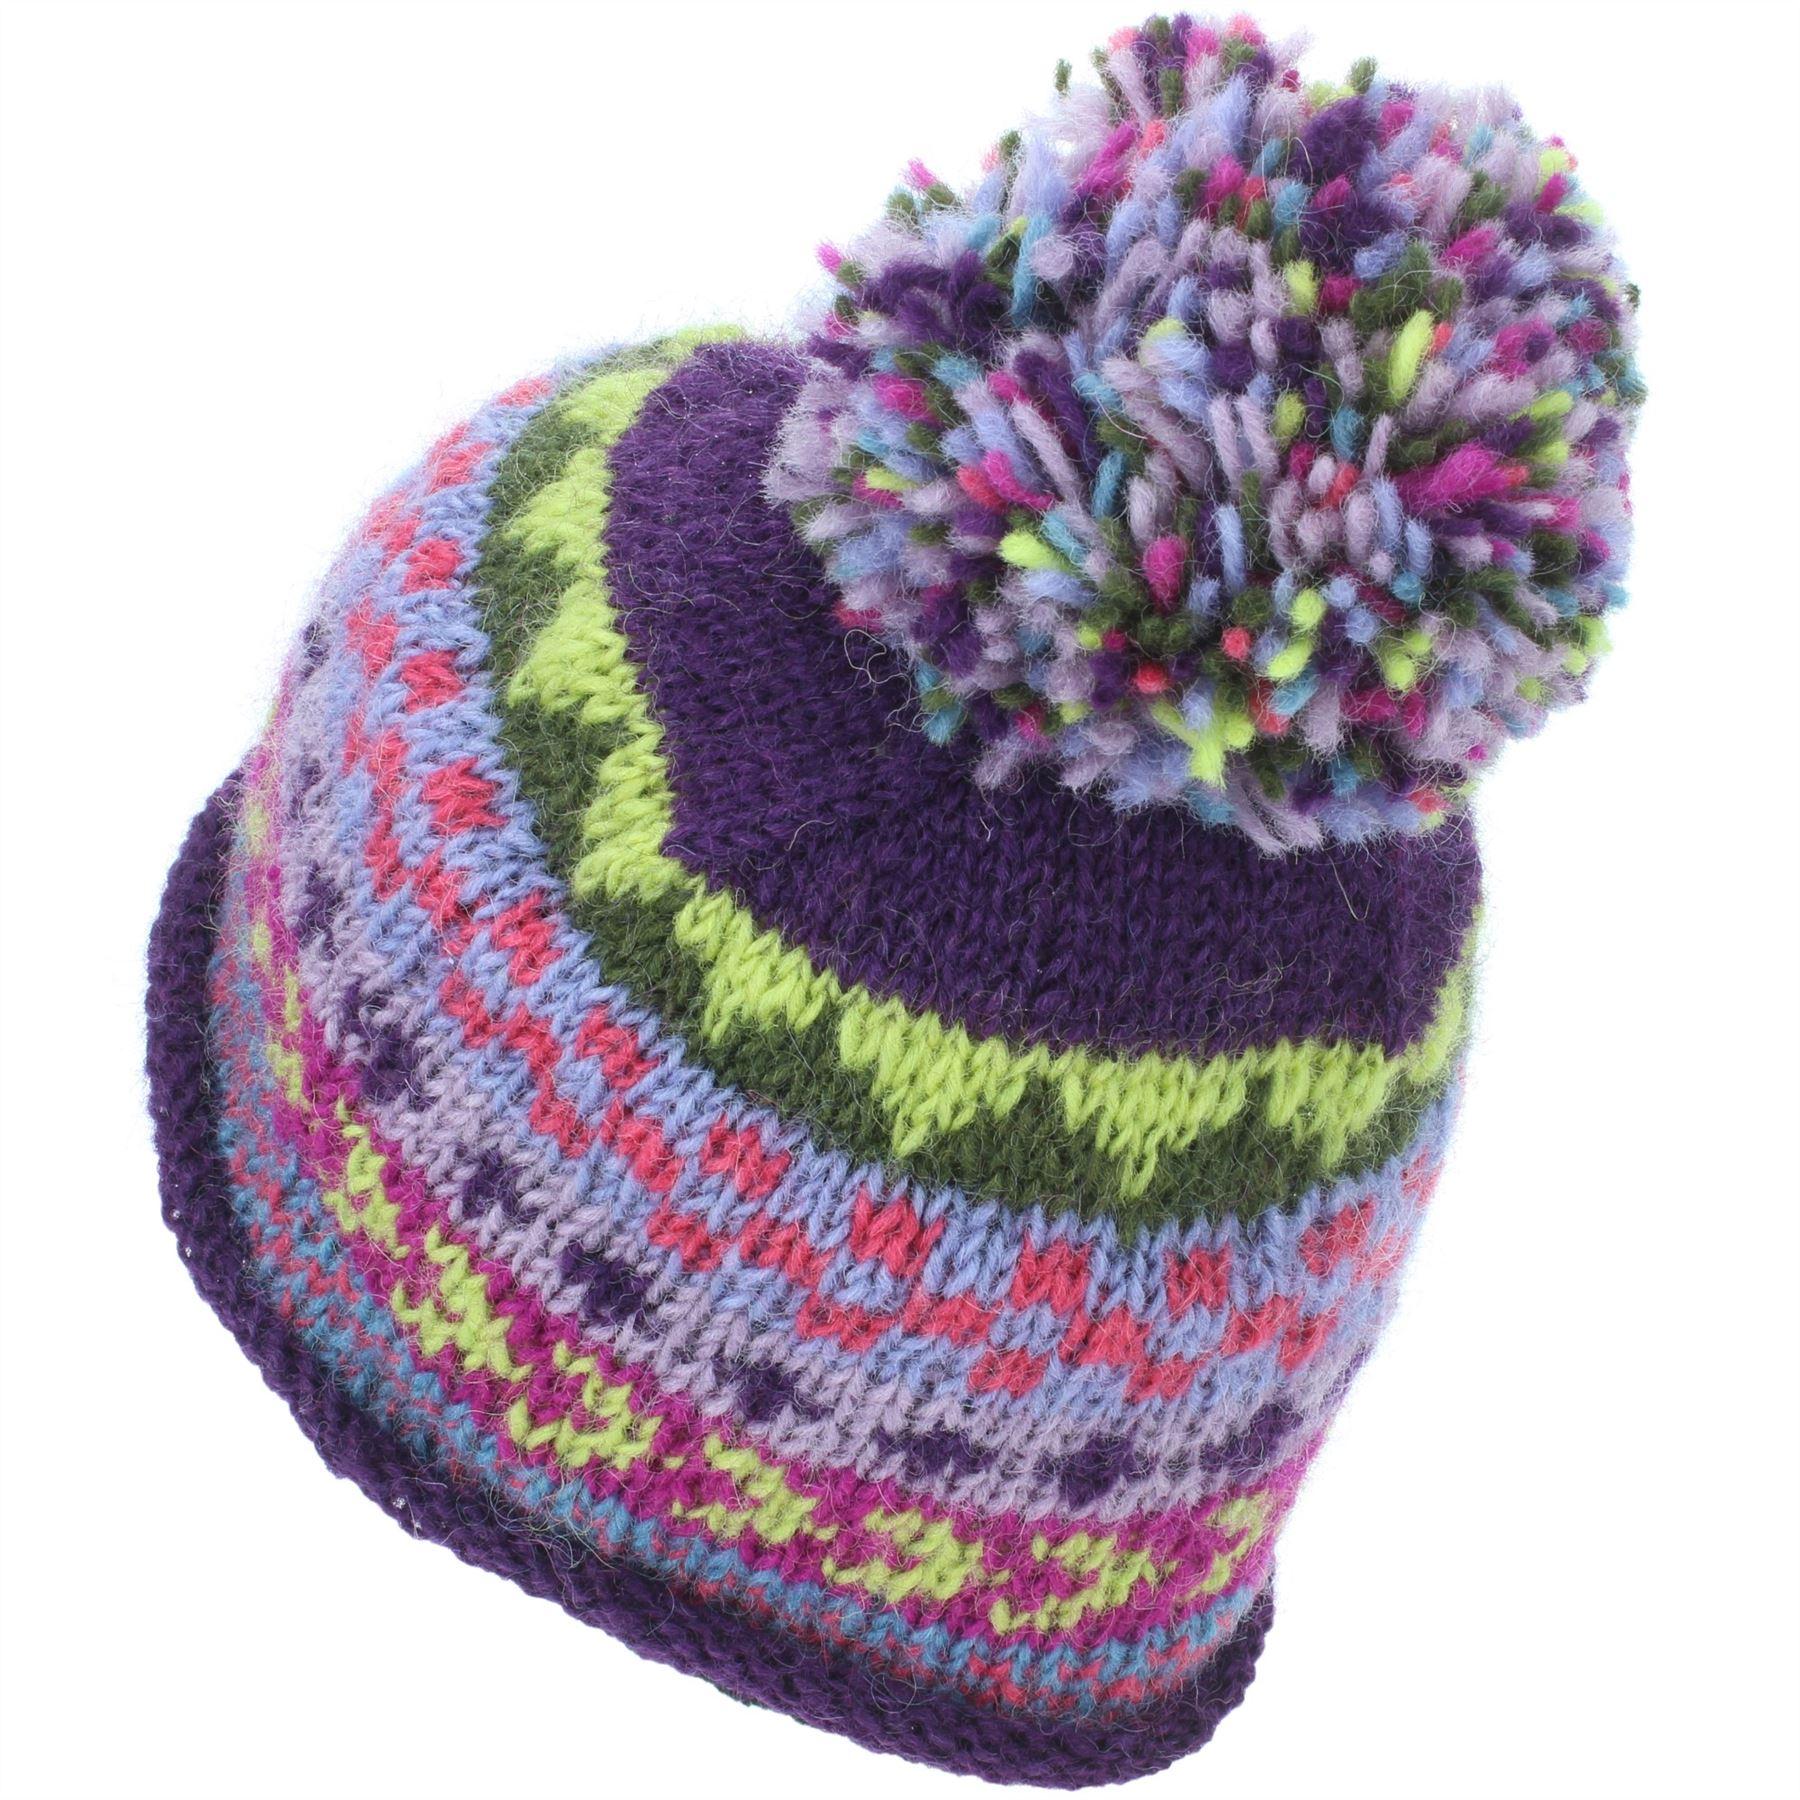 Cappello Beanie Lana Cappuccio Bobble Caldo Inverno Modello Bright LOUDelephant Foderato Lavorato A Maglia